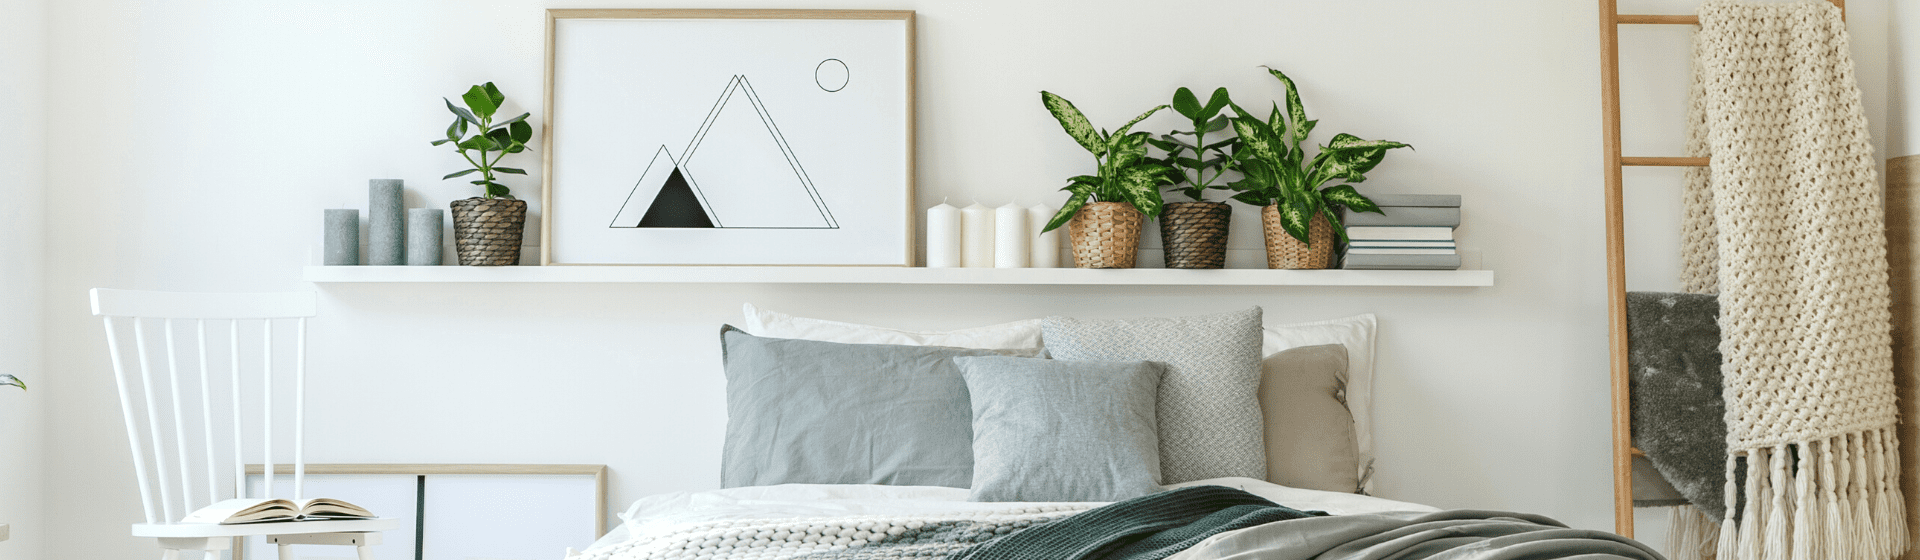 Decoração 2021: como decorar quarto pequeno?